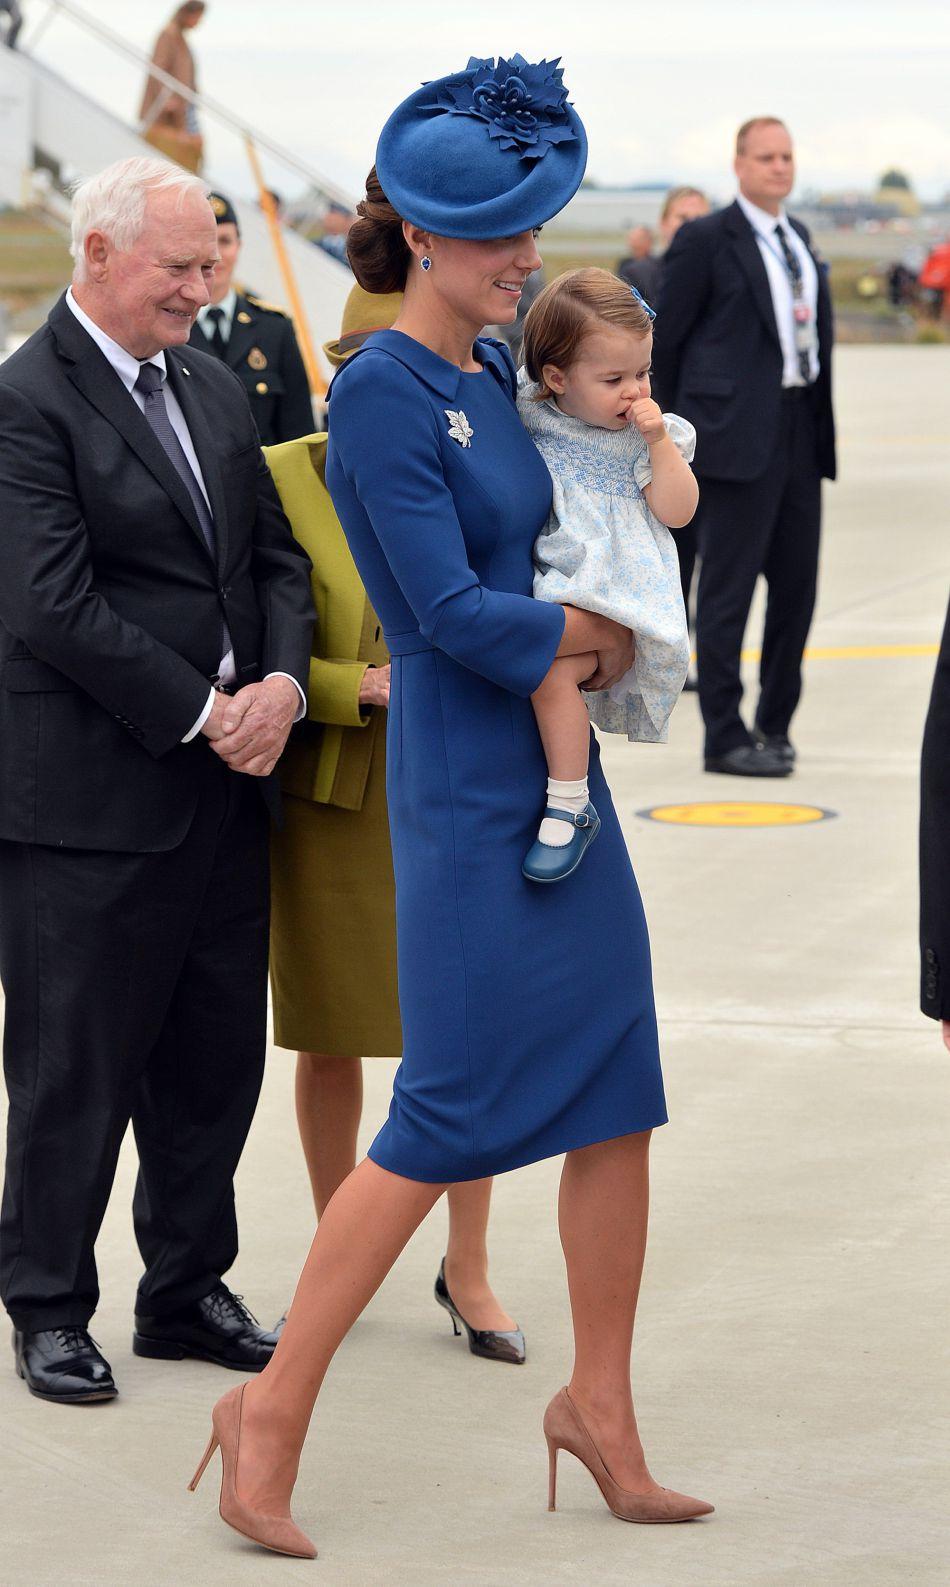 Comme à son habitude, Kate Middleton a révélé une tenue impeccable et sophistiquée.